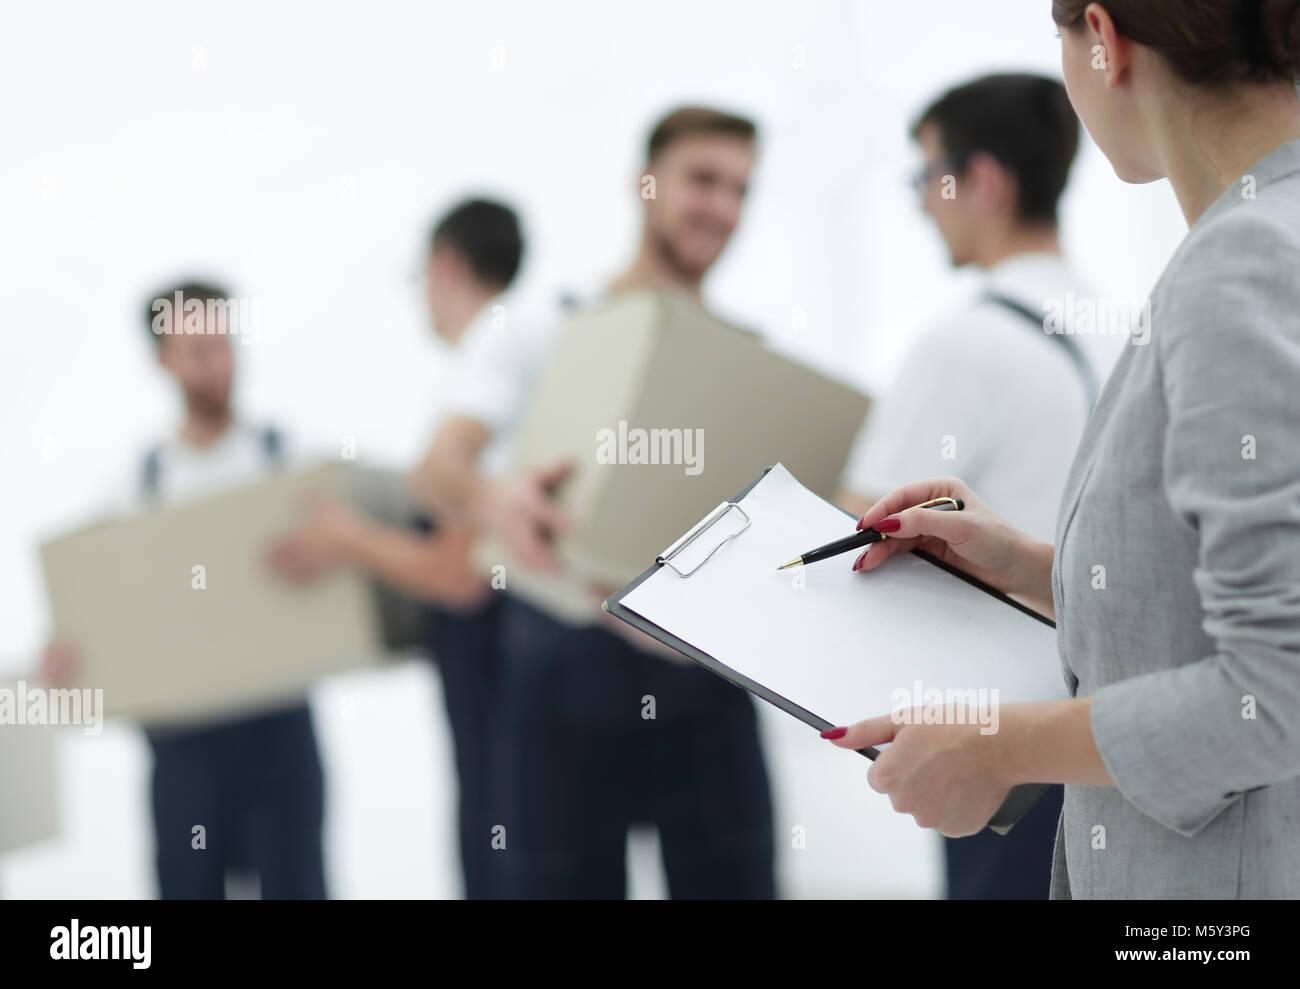 Un team di professionisti impegnati nel trasporto merci, Immagini Stock